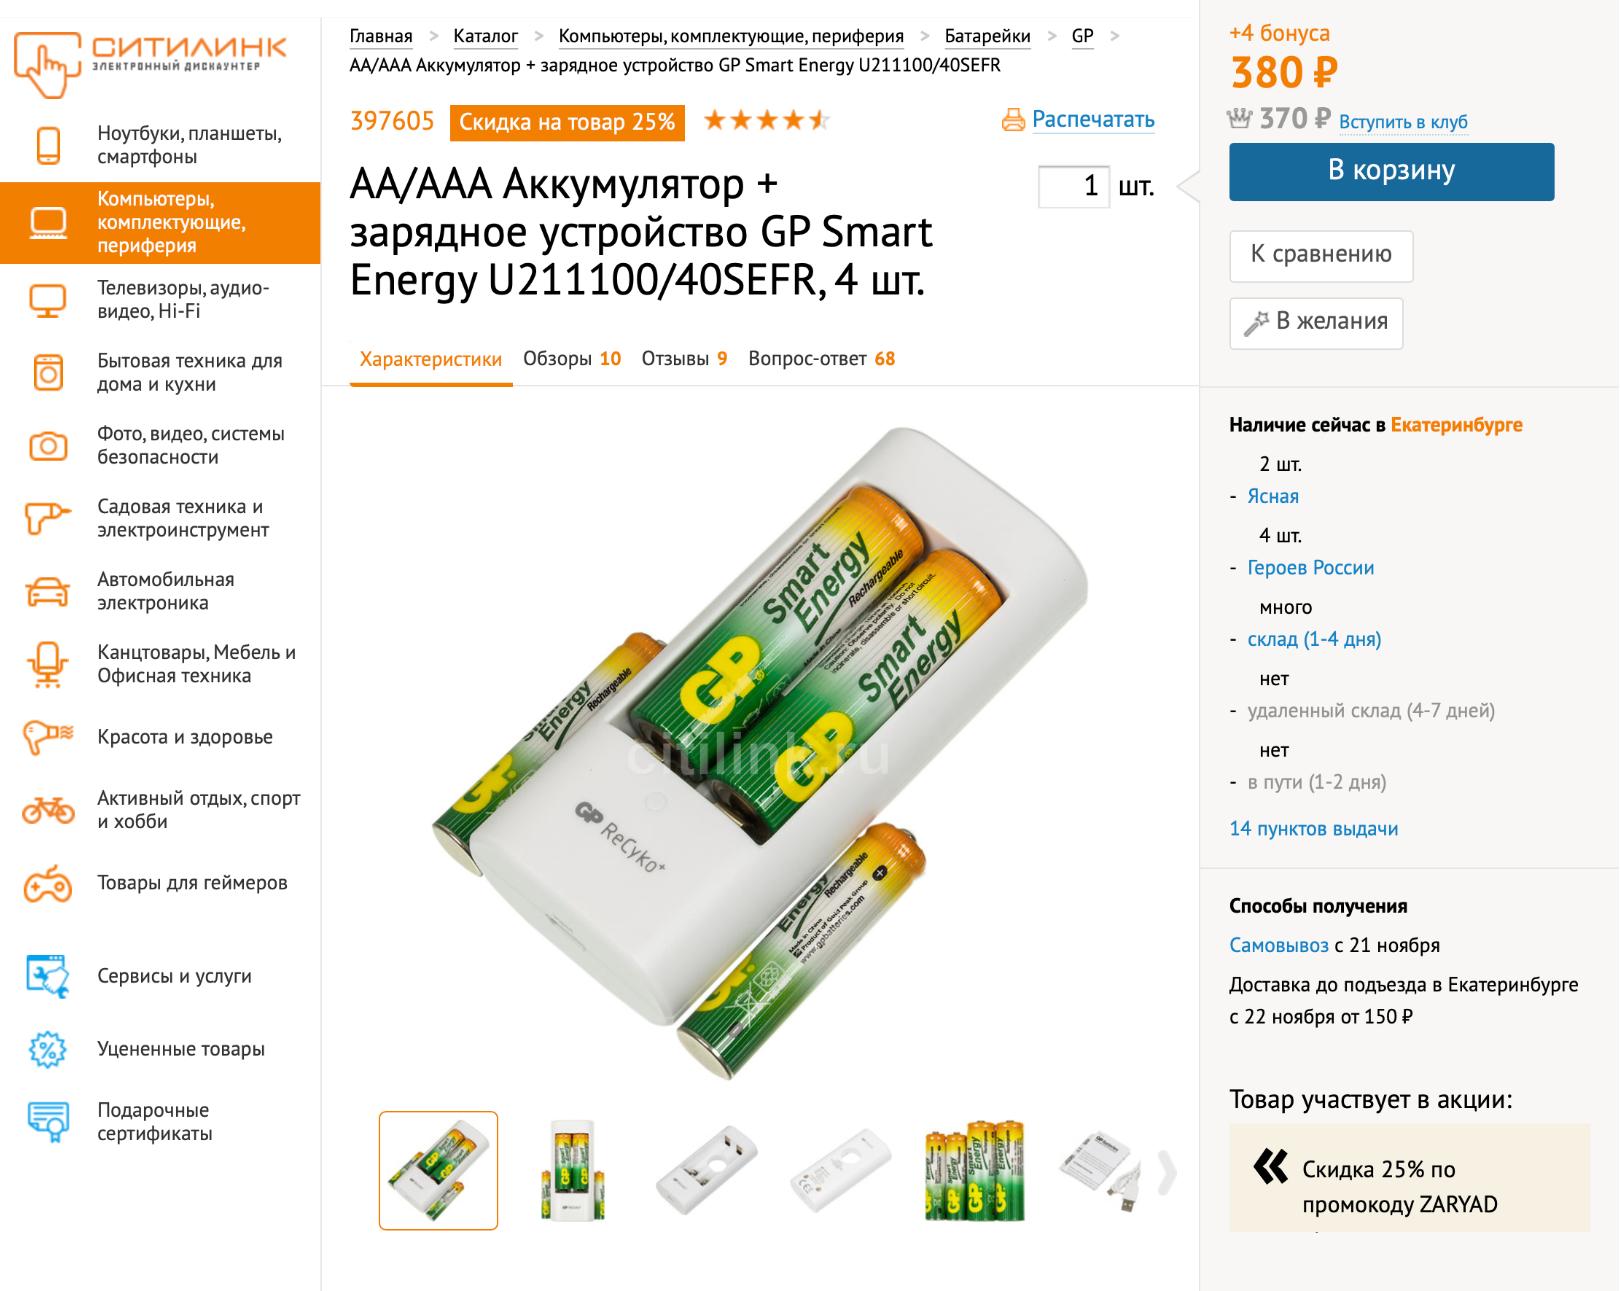 Аккумуляторные батарейки из «Ситилинка»